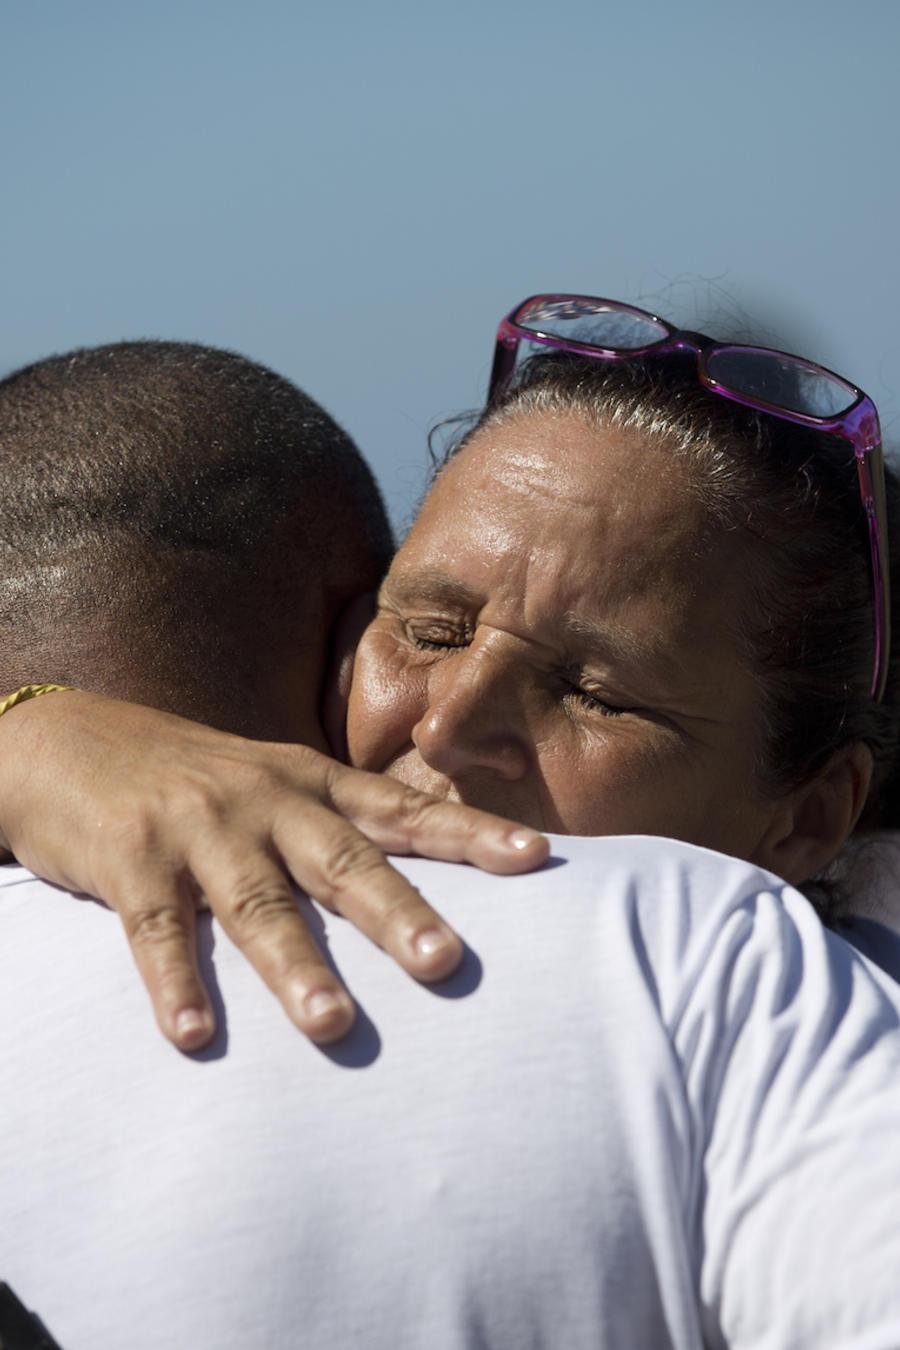 Una mujer abraza a un hombre en Rio de Janeiro, Brazil, el 30 de marzo de 2018.